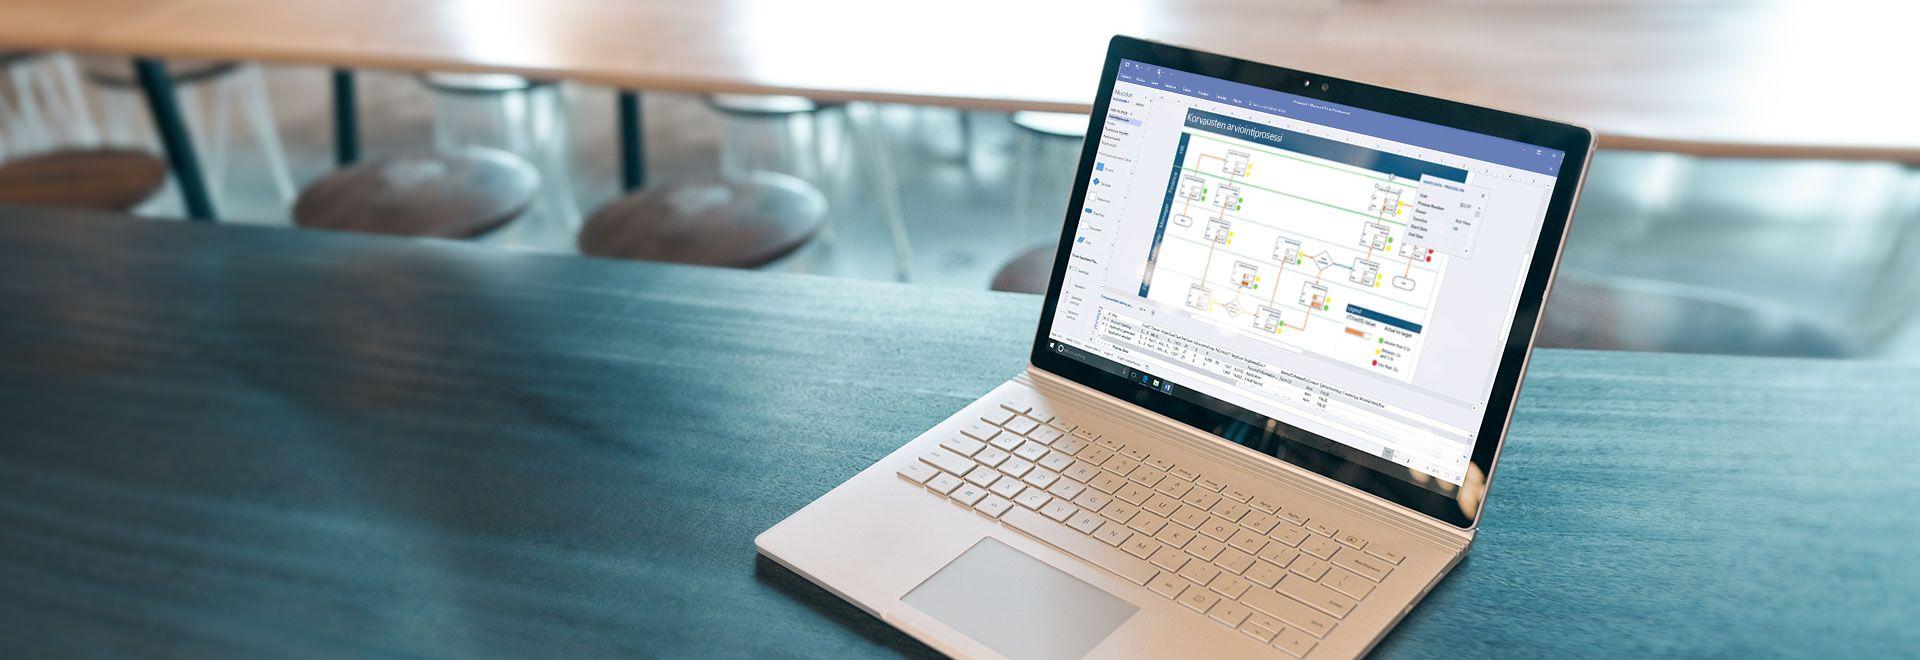 Kannettava tietokone, jossa näkyy työnkulkukaavio Visiossa